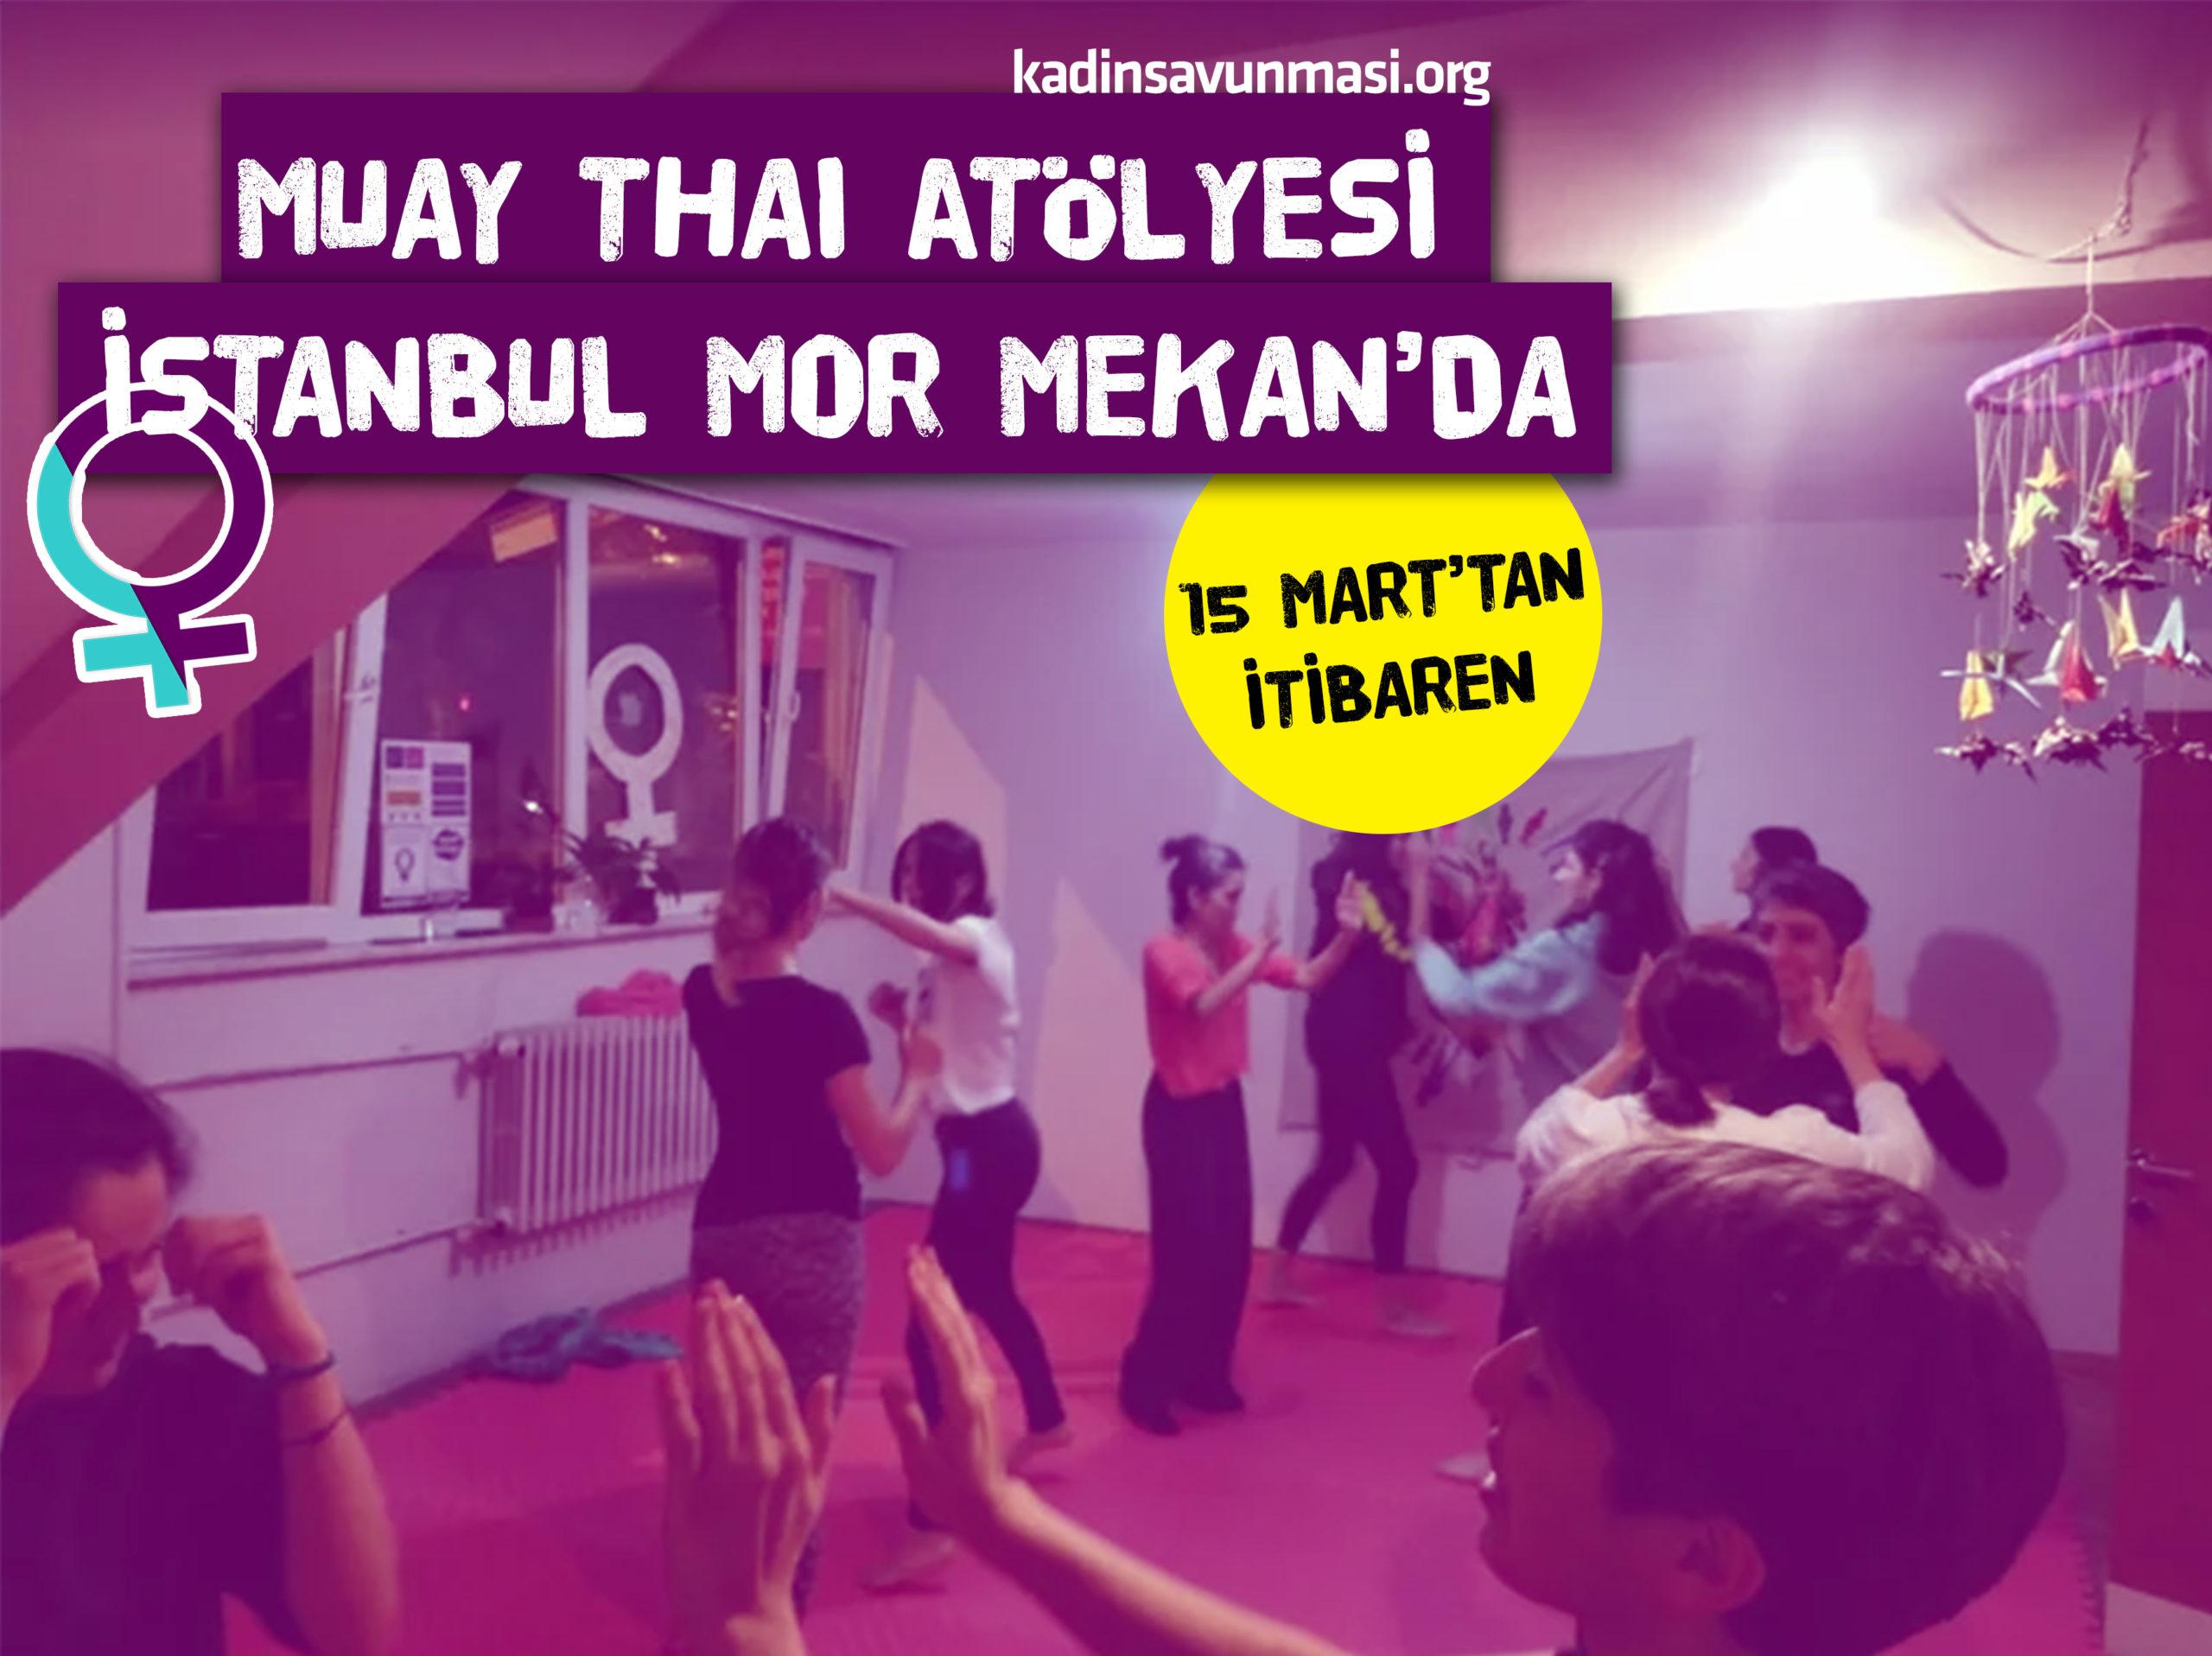 Muay Thai Atölyesi İstanbul Mor Mekan'da*